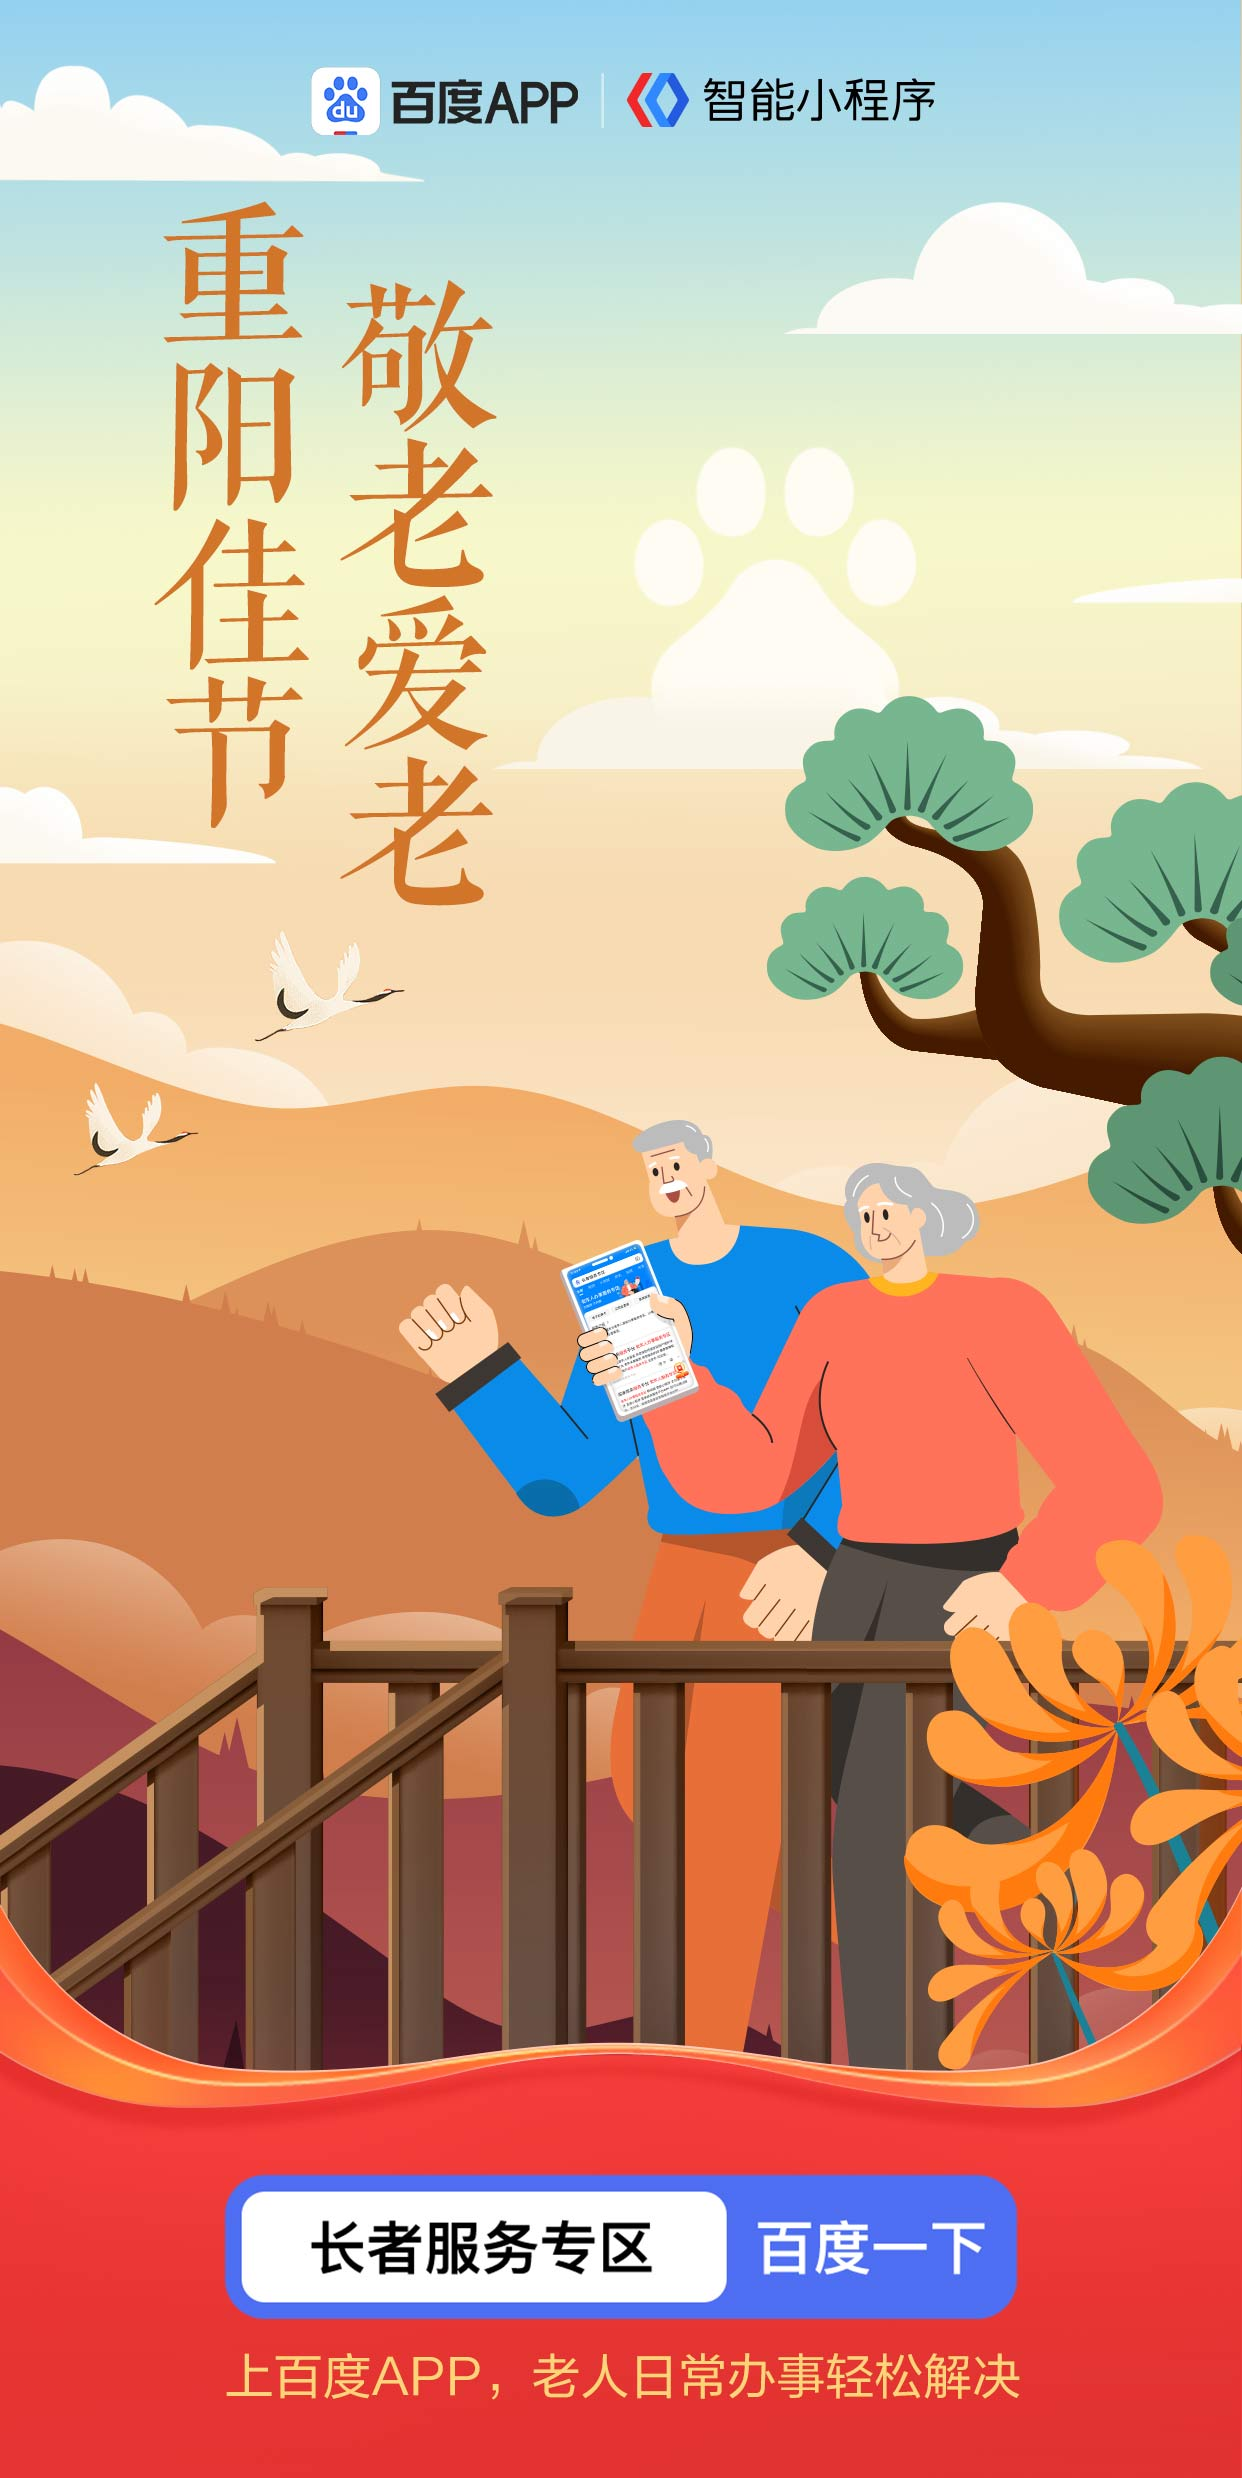 """百度App""""老年人办事服务专区"""" 让老年人共享数字化便利"""